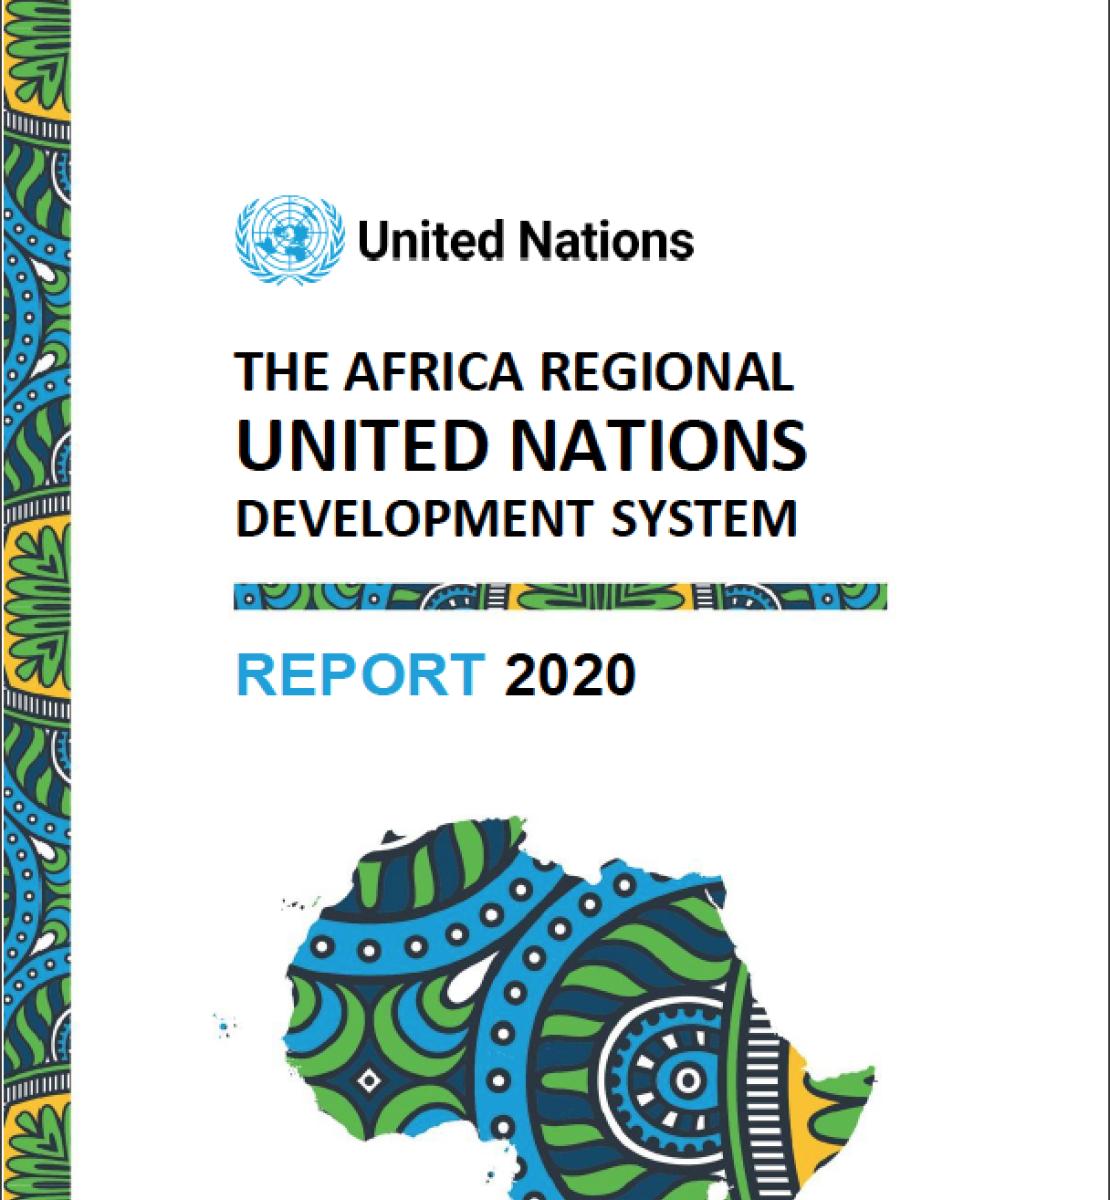 Page de couverture d'un rapport sur laquelle figurent une représentation très colorée du continent africain, le logo de l'ONU en haut de page et le titre « Rapport 2020 du système régional des Nations Unies pour le développement en Afrique », en anglais.